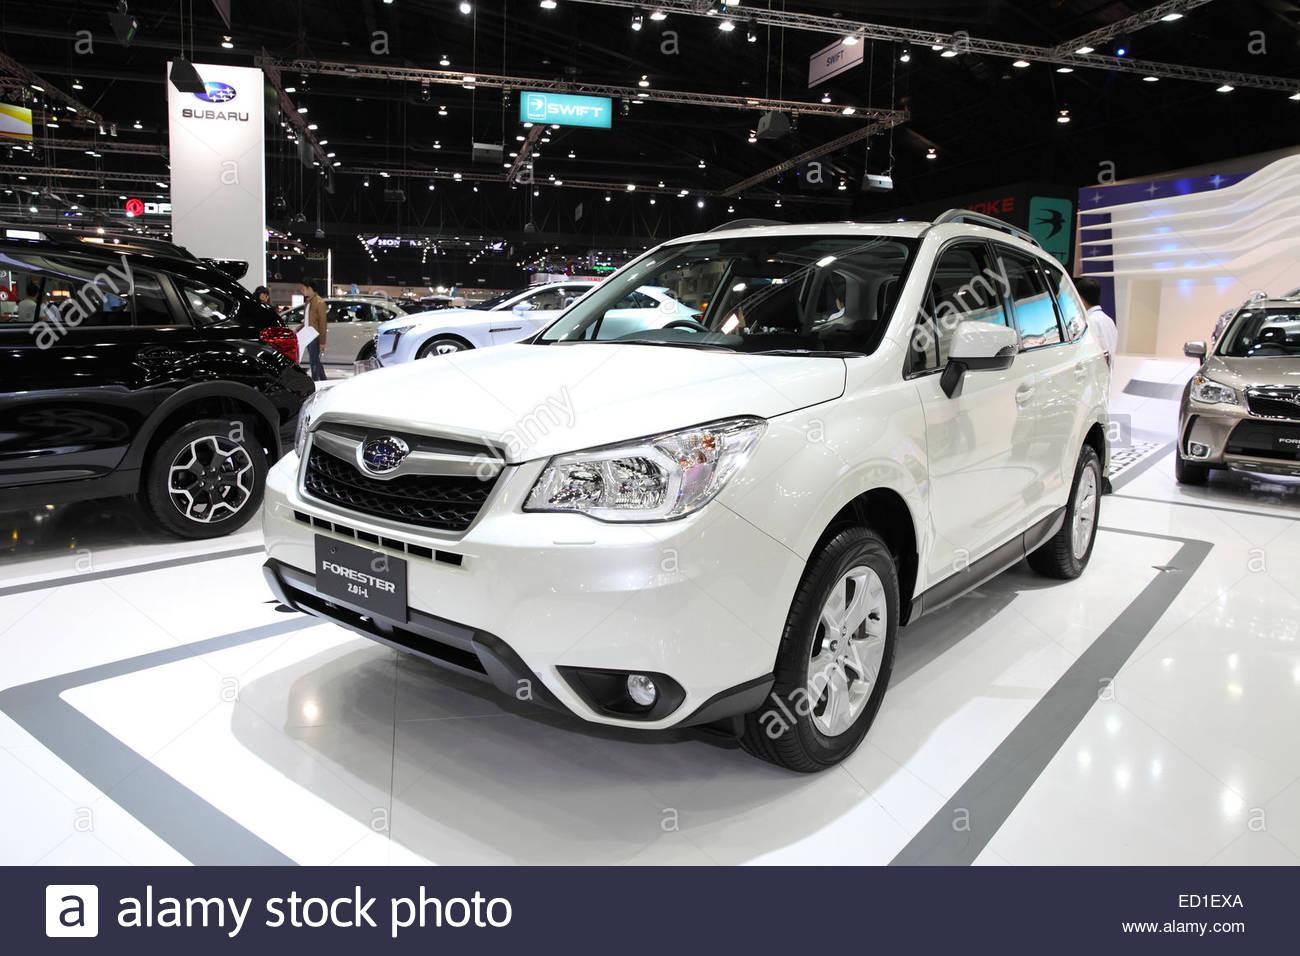 Bangkok november 28 subaru forester 2 8i l car on display at the motor expo